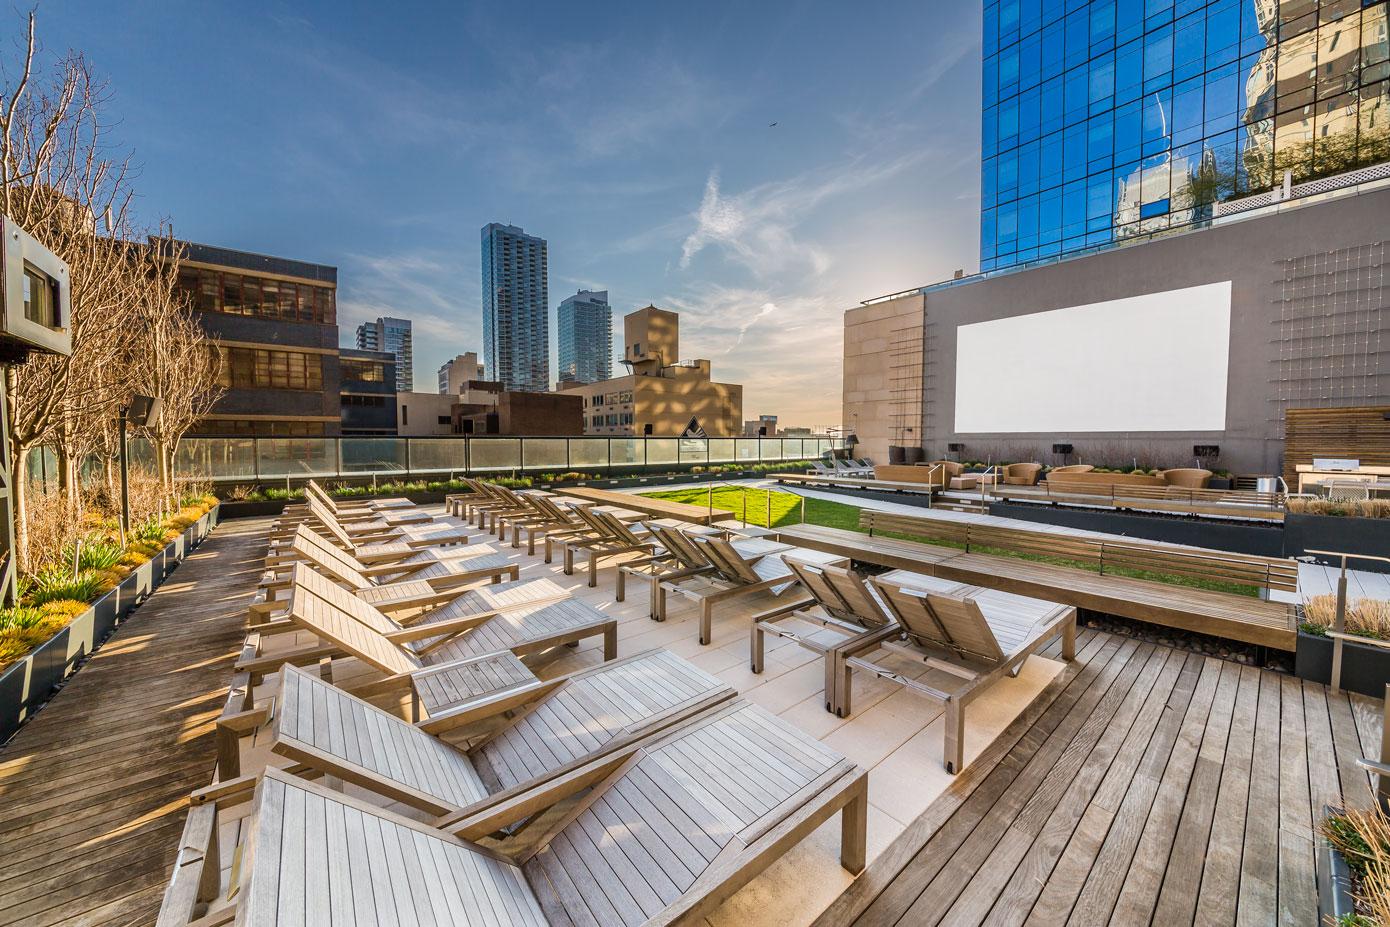 6.-Outdoor-Theatre-Lounge.jpg